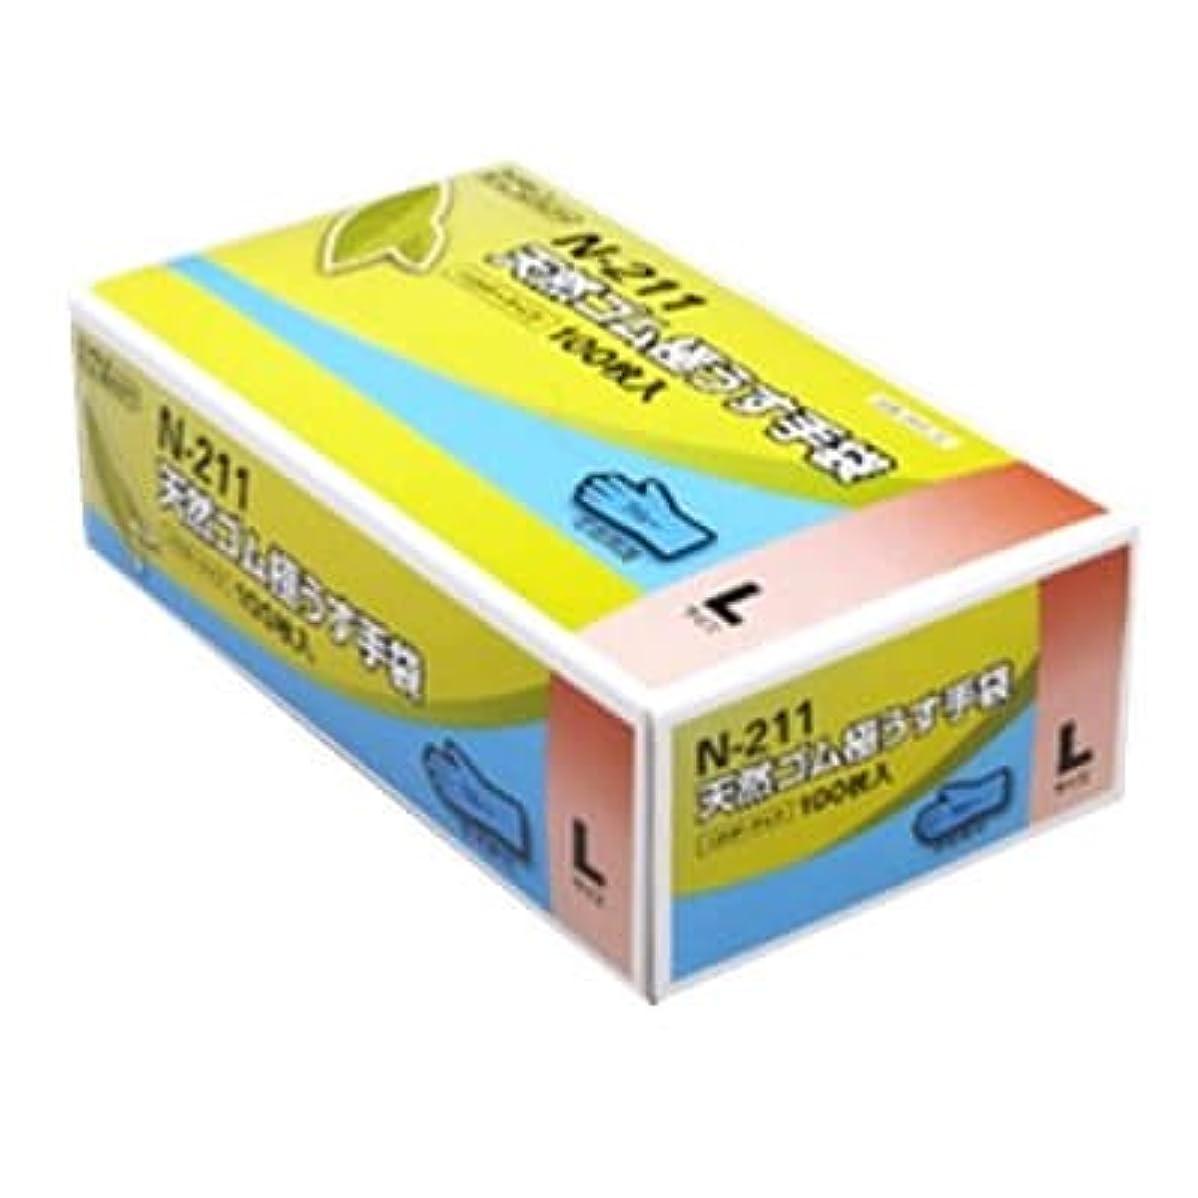 そっと涙優先【ケース販売】 ダンロップ 天然ゴム極うす手袋 N-211 L ブルー (100枚入×20箱)